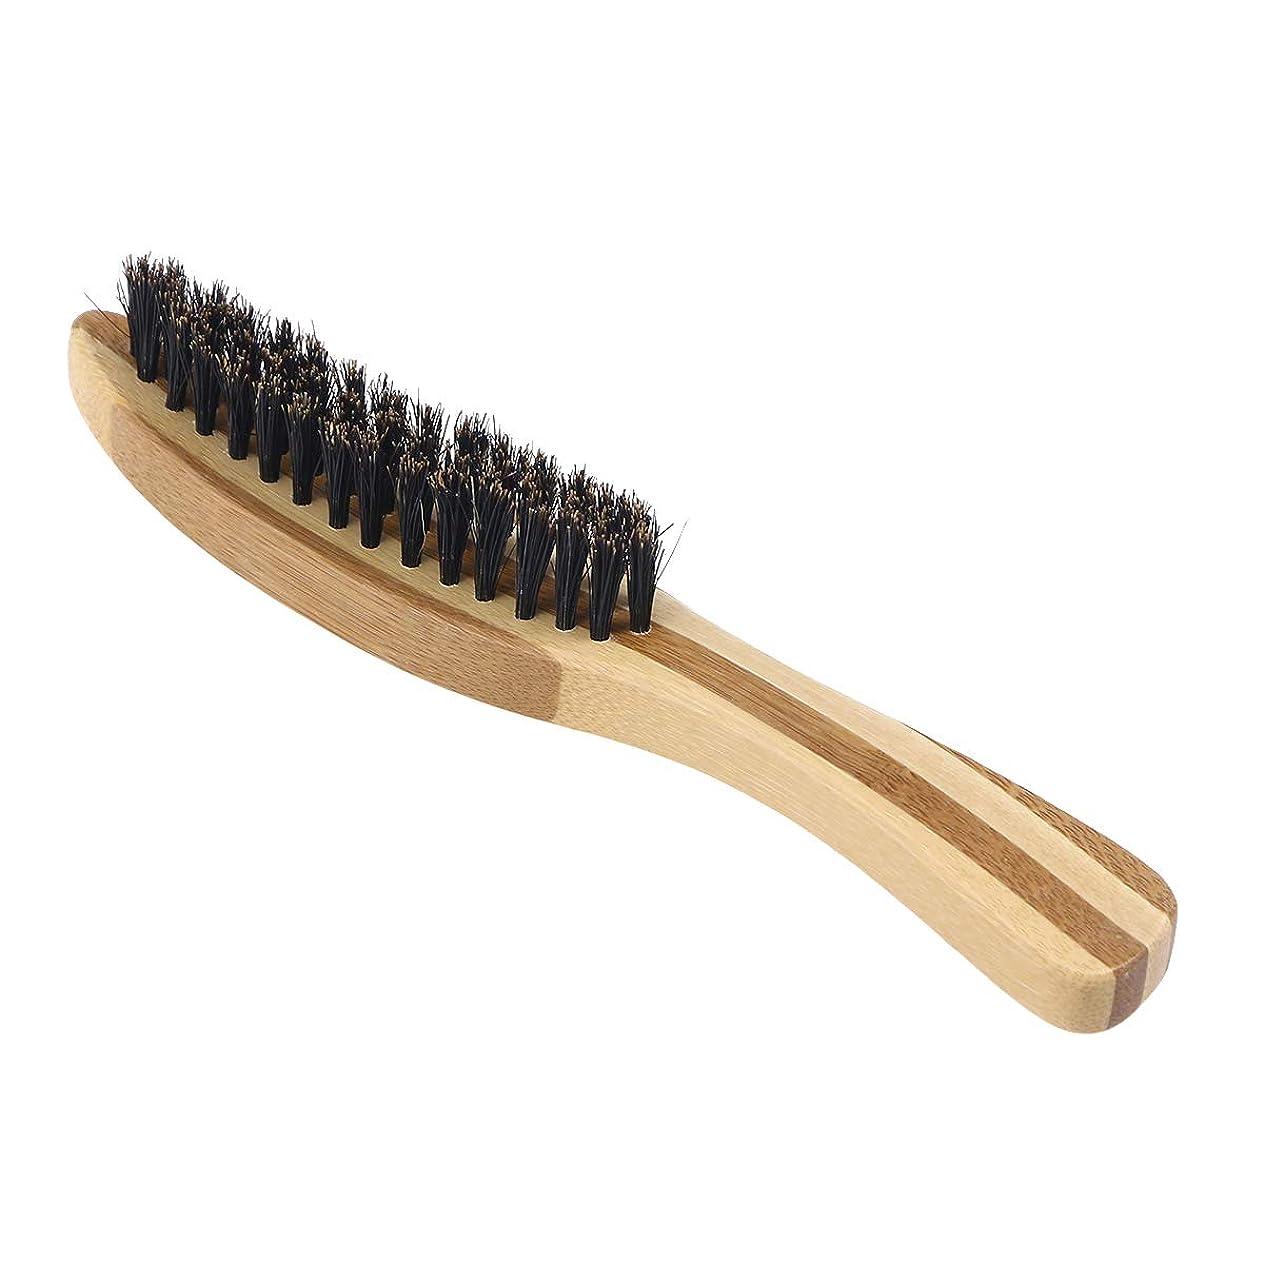 リッチそんなに被害者Lurrose 世帯の理髪店のための剛毛のブラシの木製のハンドルの口ひげの毛バスブラシ